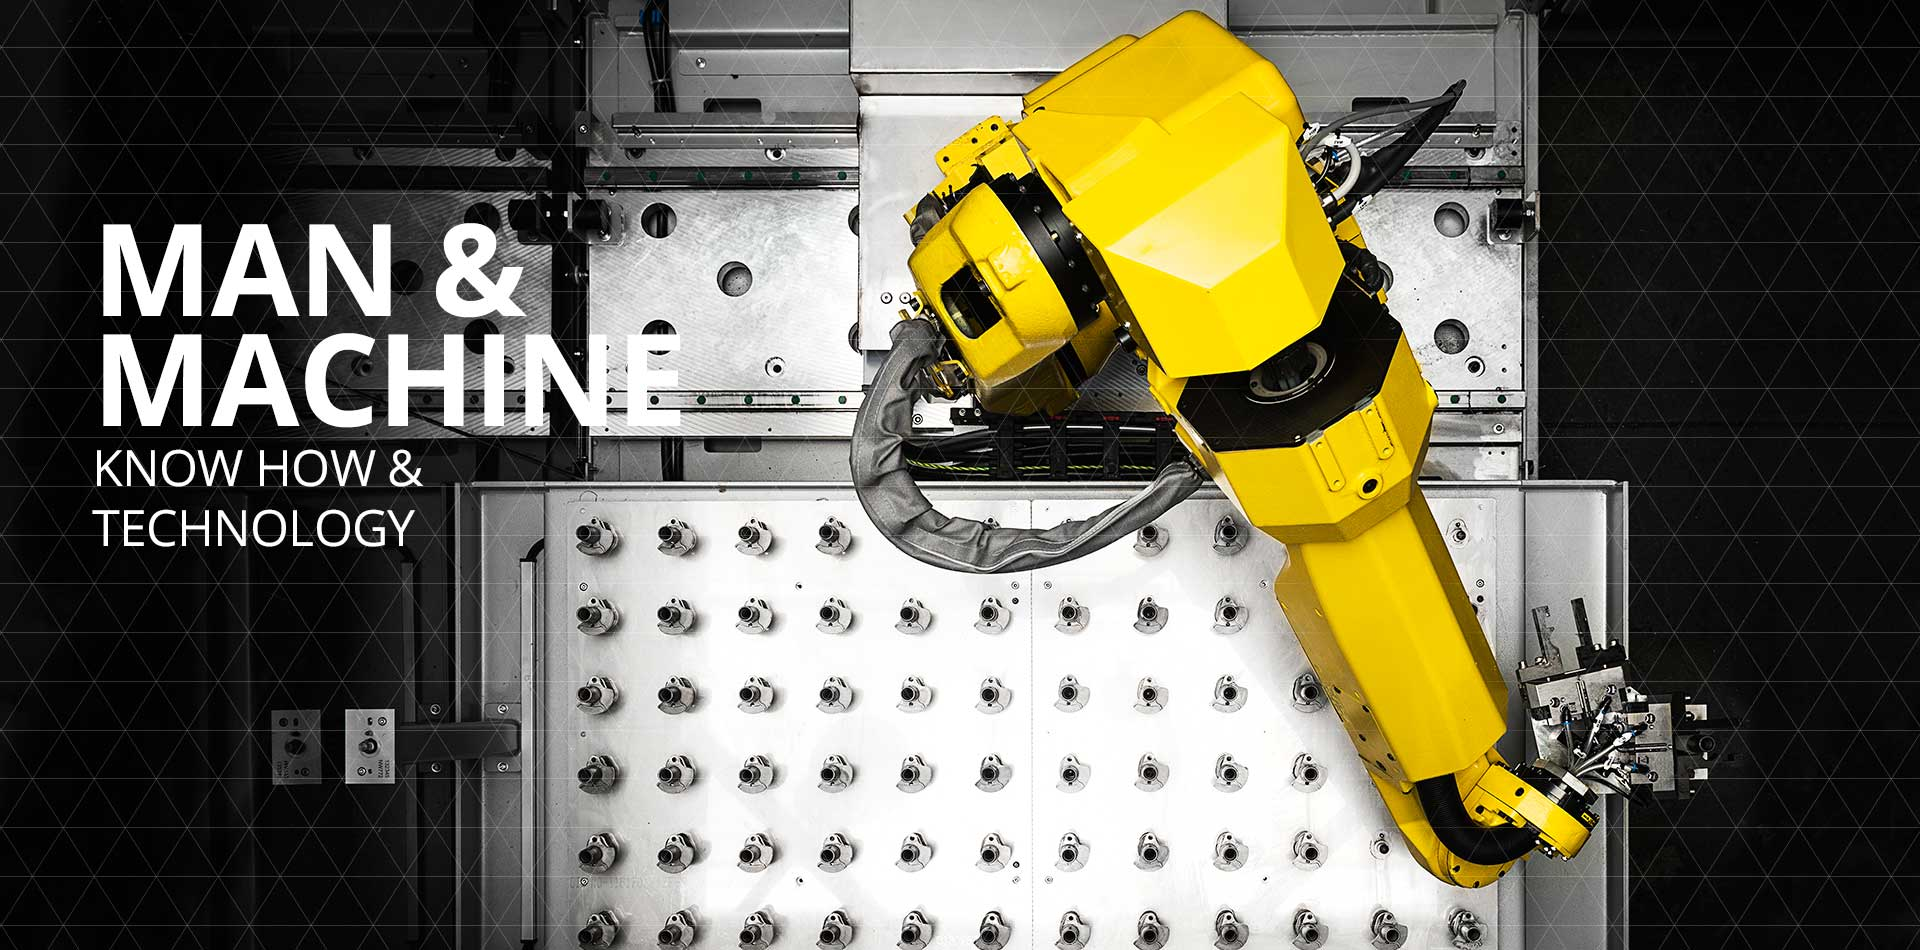 Schweiger CNC Technology